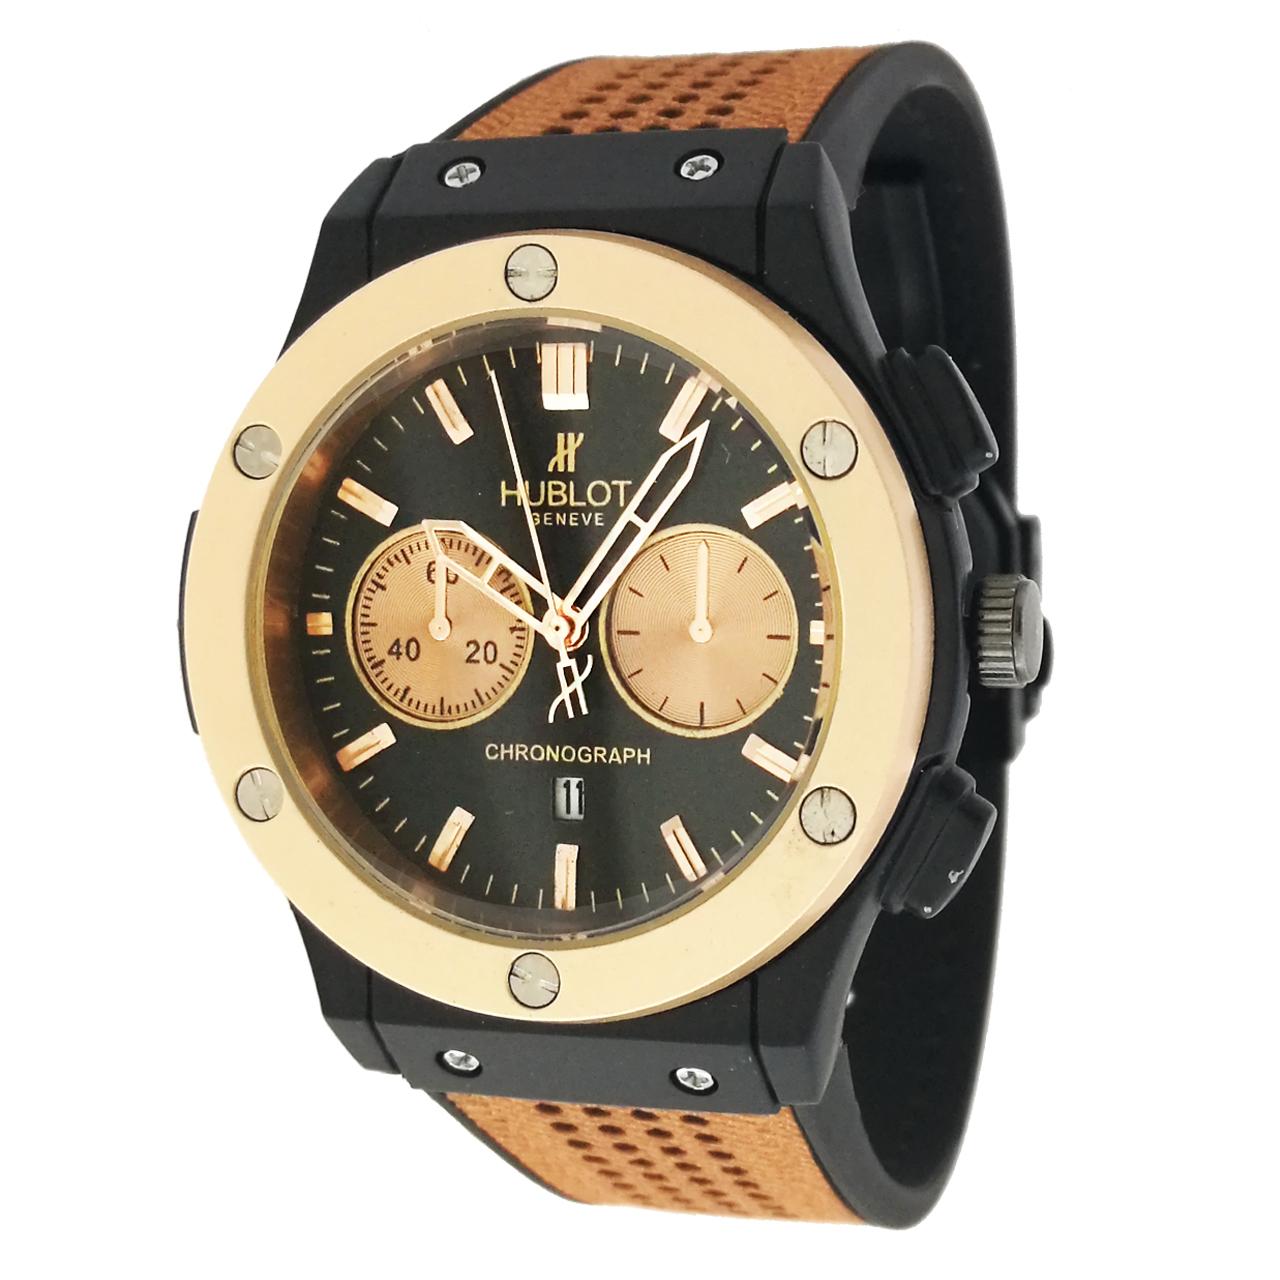 ساعت مچی عقربه ای مردانه مدل hu100 به همراه دستمال مخصوص کلین واچ 33